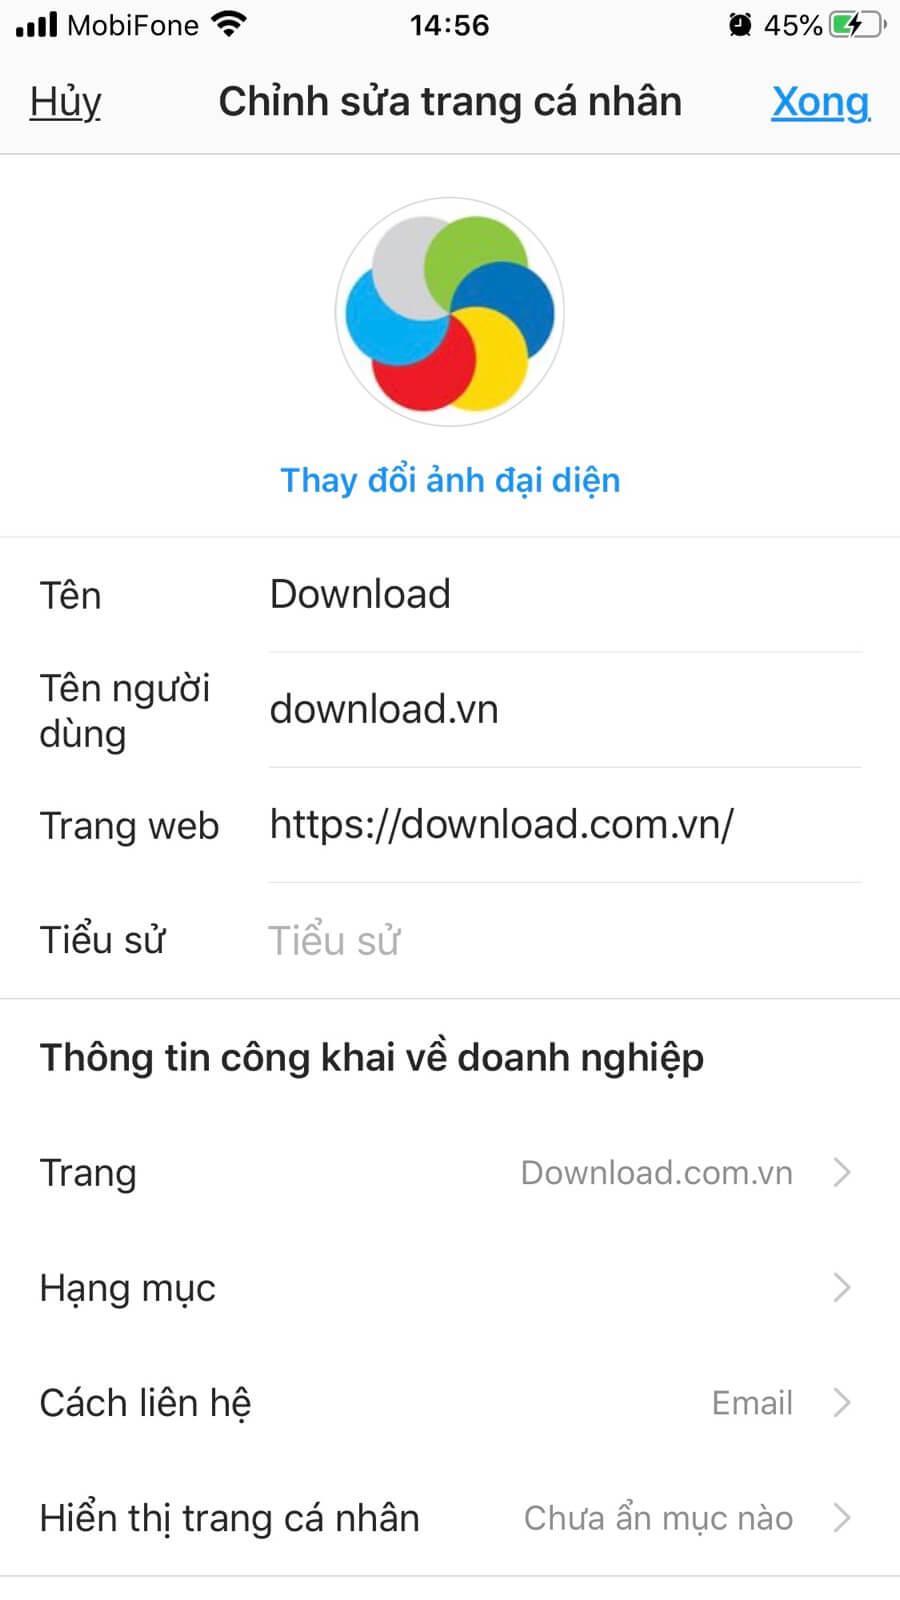 Instagram Download.com.vn